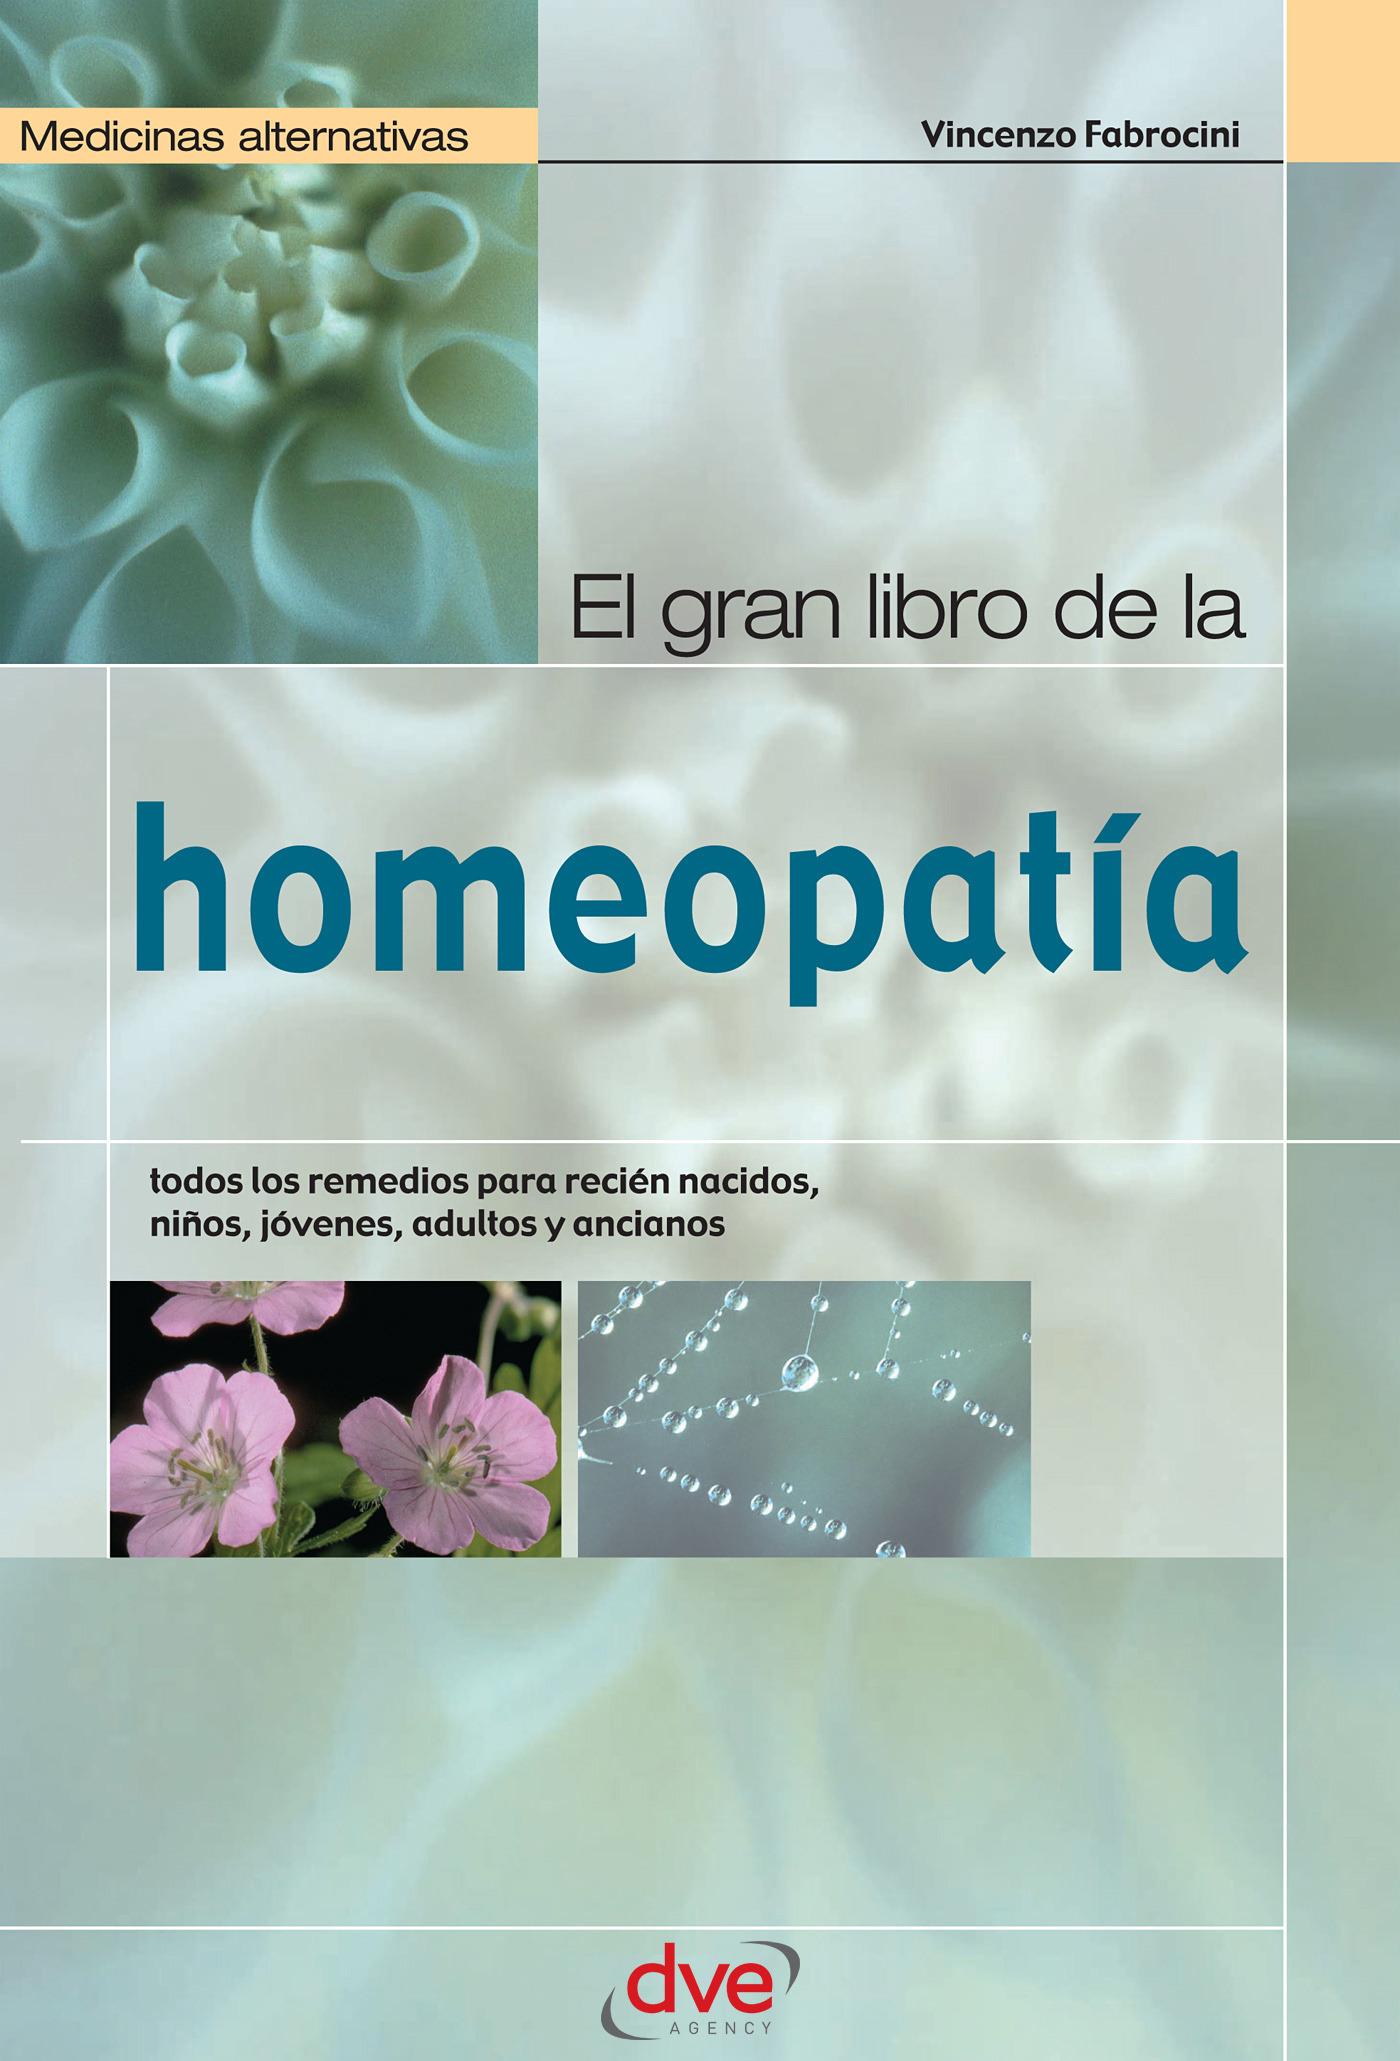 Fabrocini, Vincenzo - El gran libro de la homeopatía, ebook